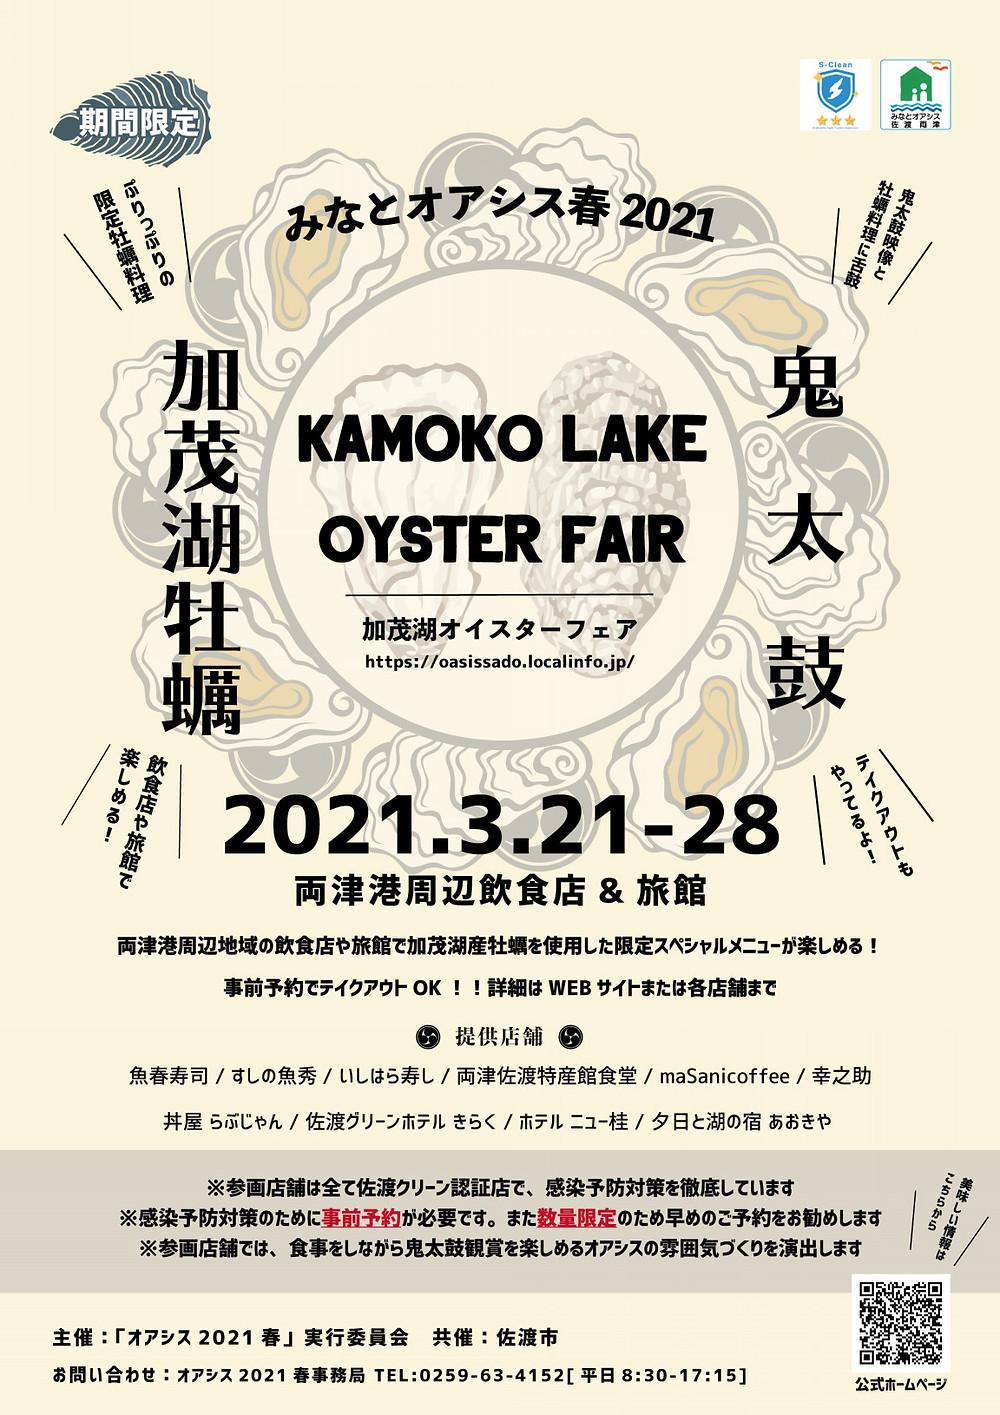 加茂湖オイスターフェア 加茂湖カキ祭り 春の佐渡